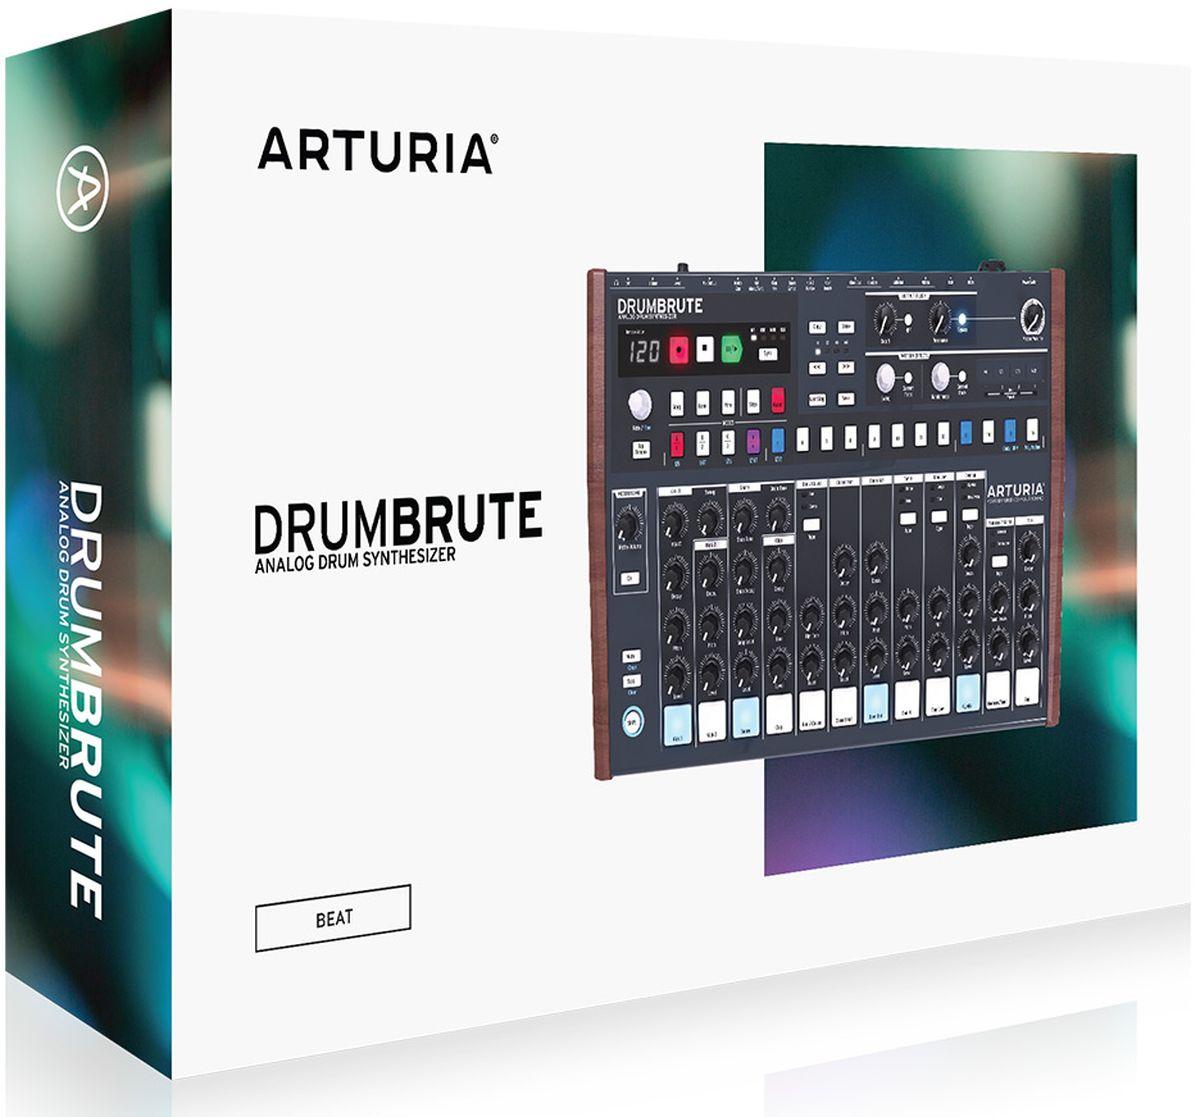 Arturia DrumBruteаналоговая драм-машина Arturia